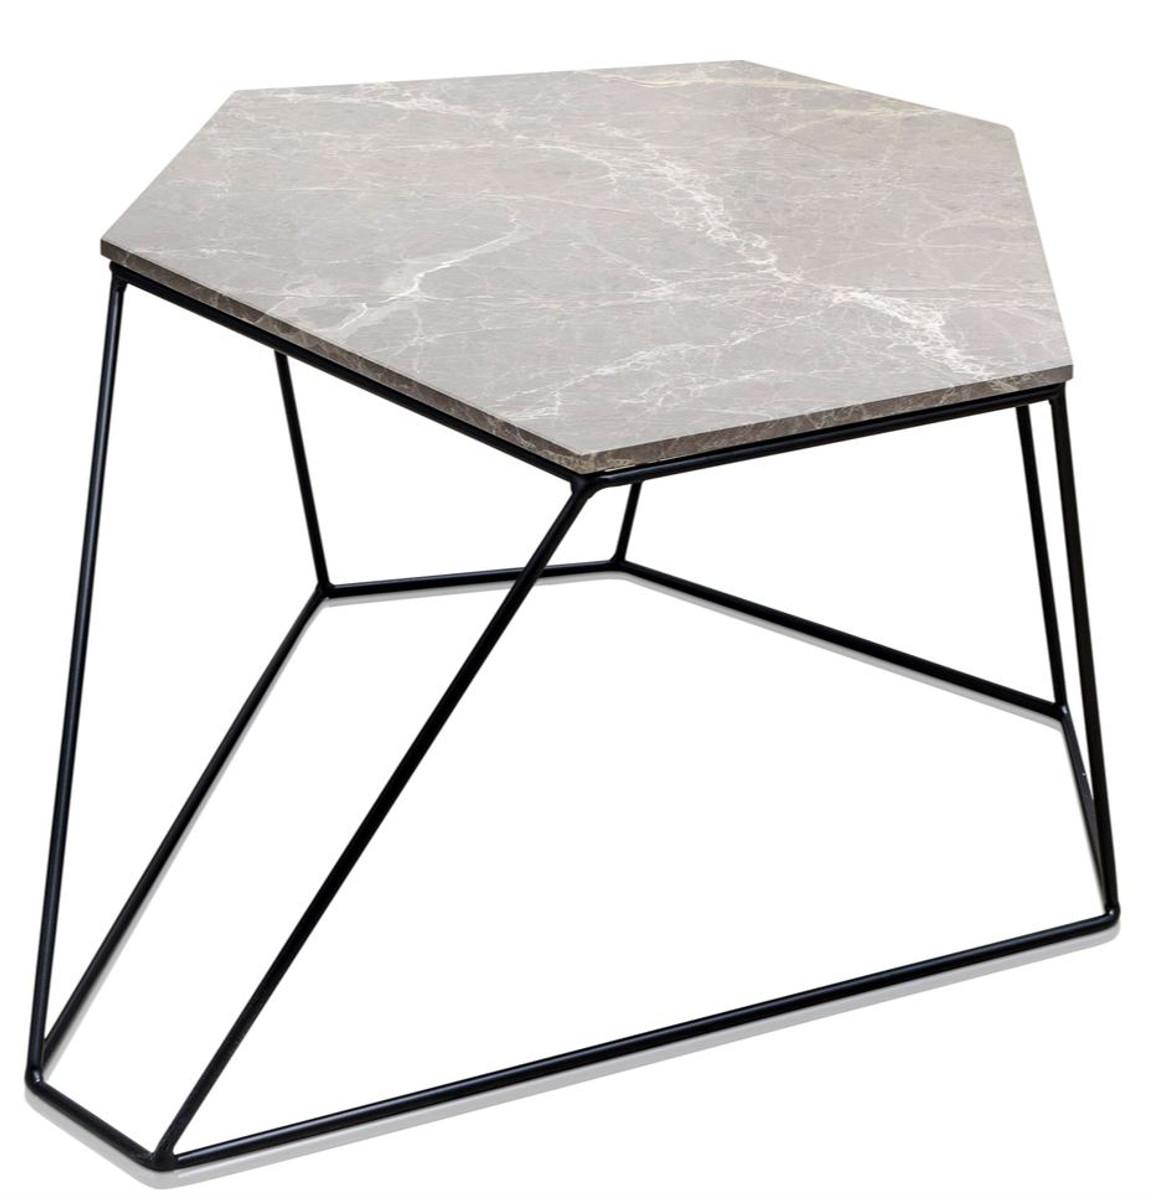 Casa padrino designer couchtisch grau schwarz 75 x 58 x for Designer couchtisch grau